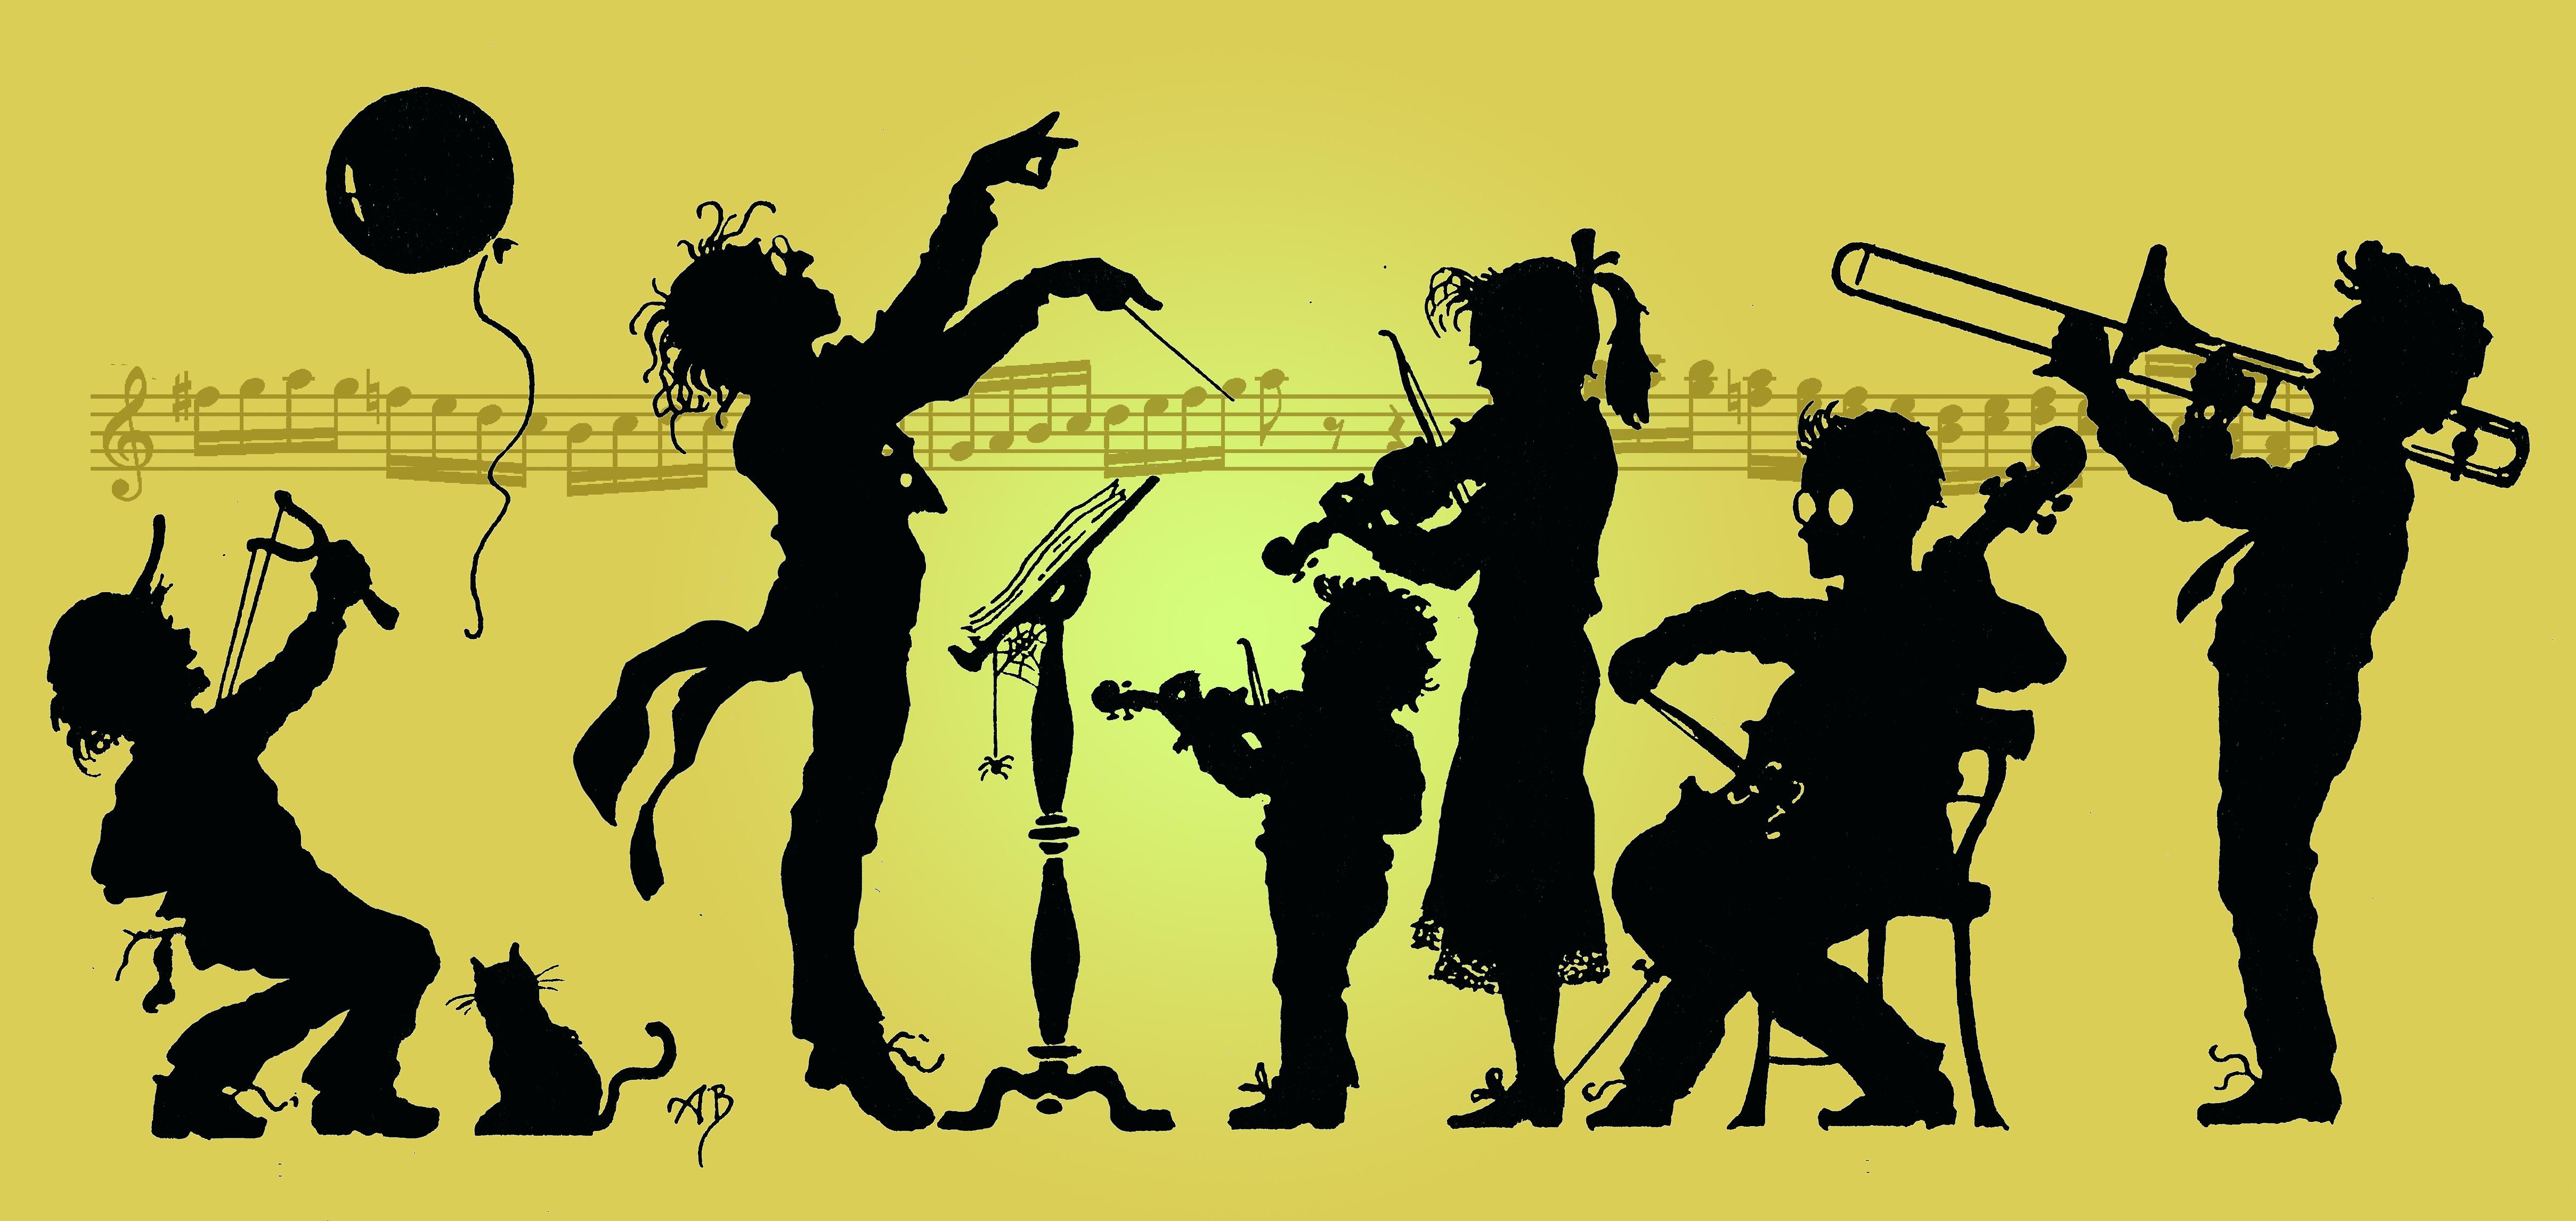 musics 2